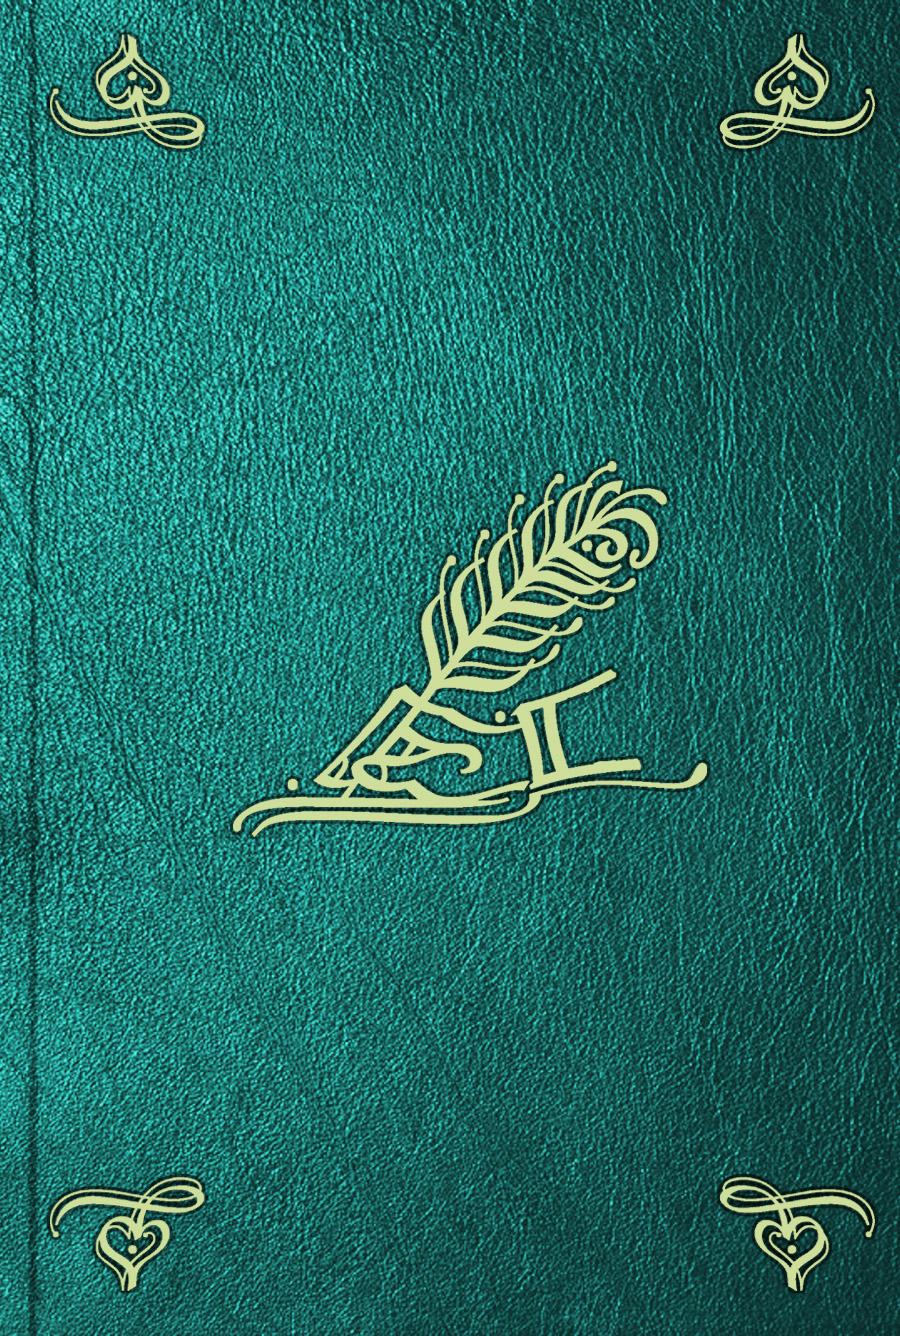 de Montlezun Souvenirs des Antilles. T. 1 vincent ermoni la bible et l archeologie syrienne french edition